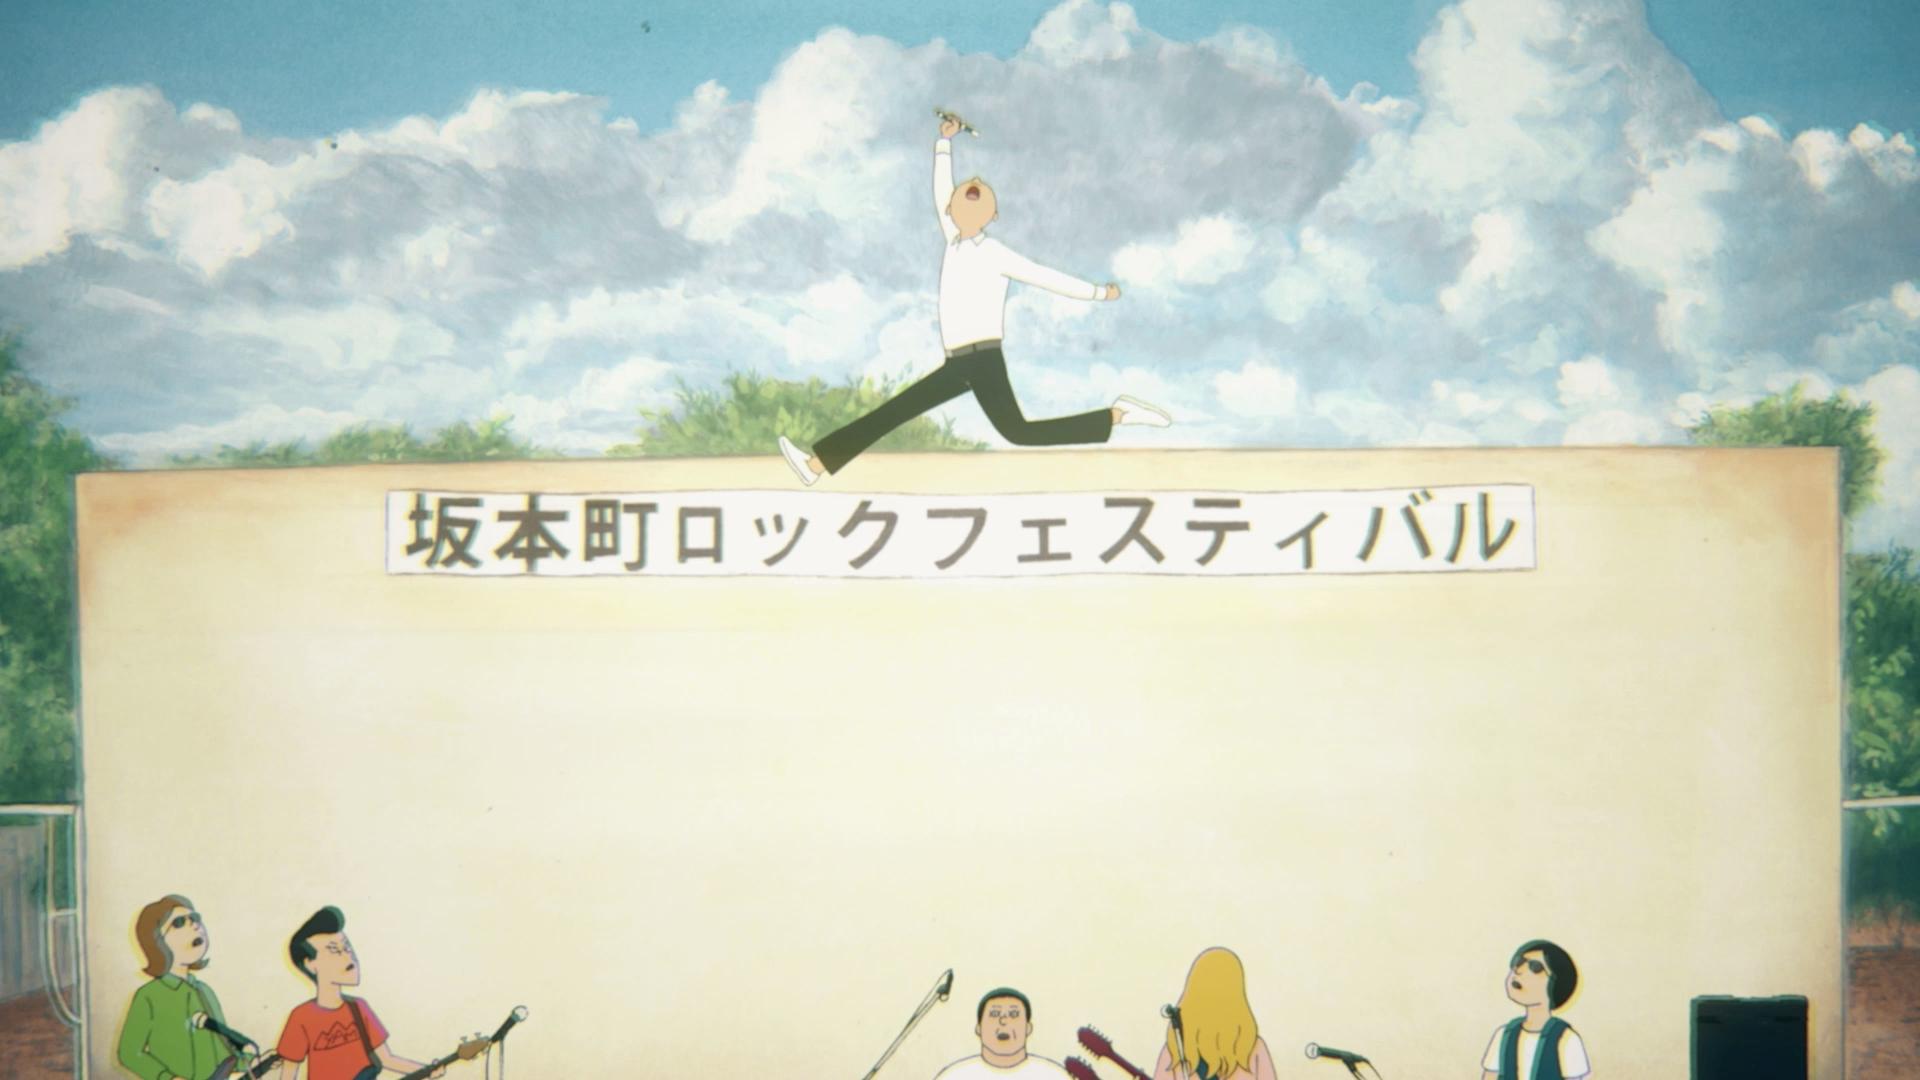 Agarrando su grabadora triunfalmente y en medio del rock and roll, Kenji salta a los cielos mientras sus compañeros de banda y el público miran con asombro y admiración en una escena de la película teatral de anime ON-GAKU: Our Sound 2019.